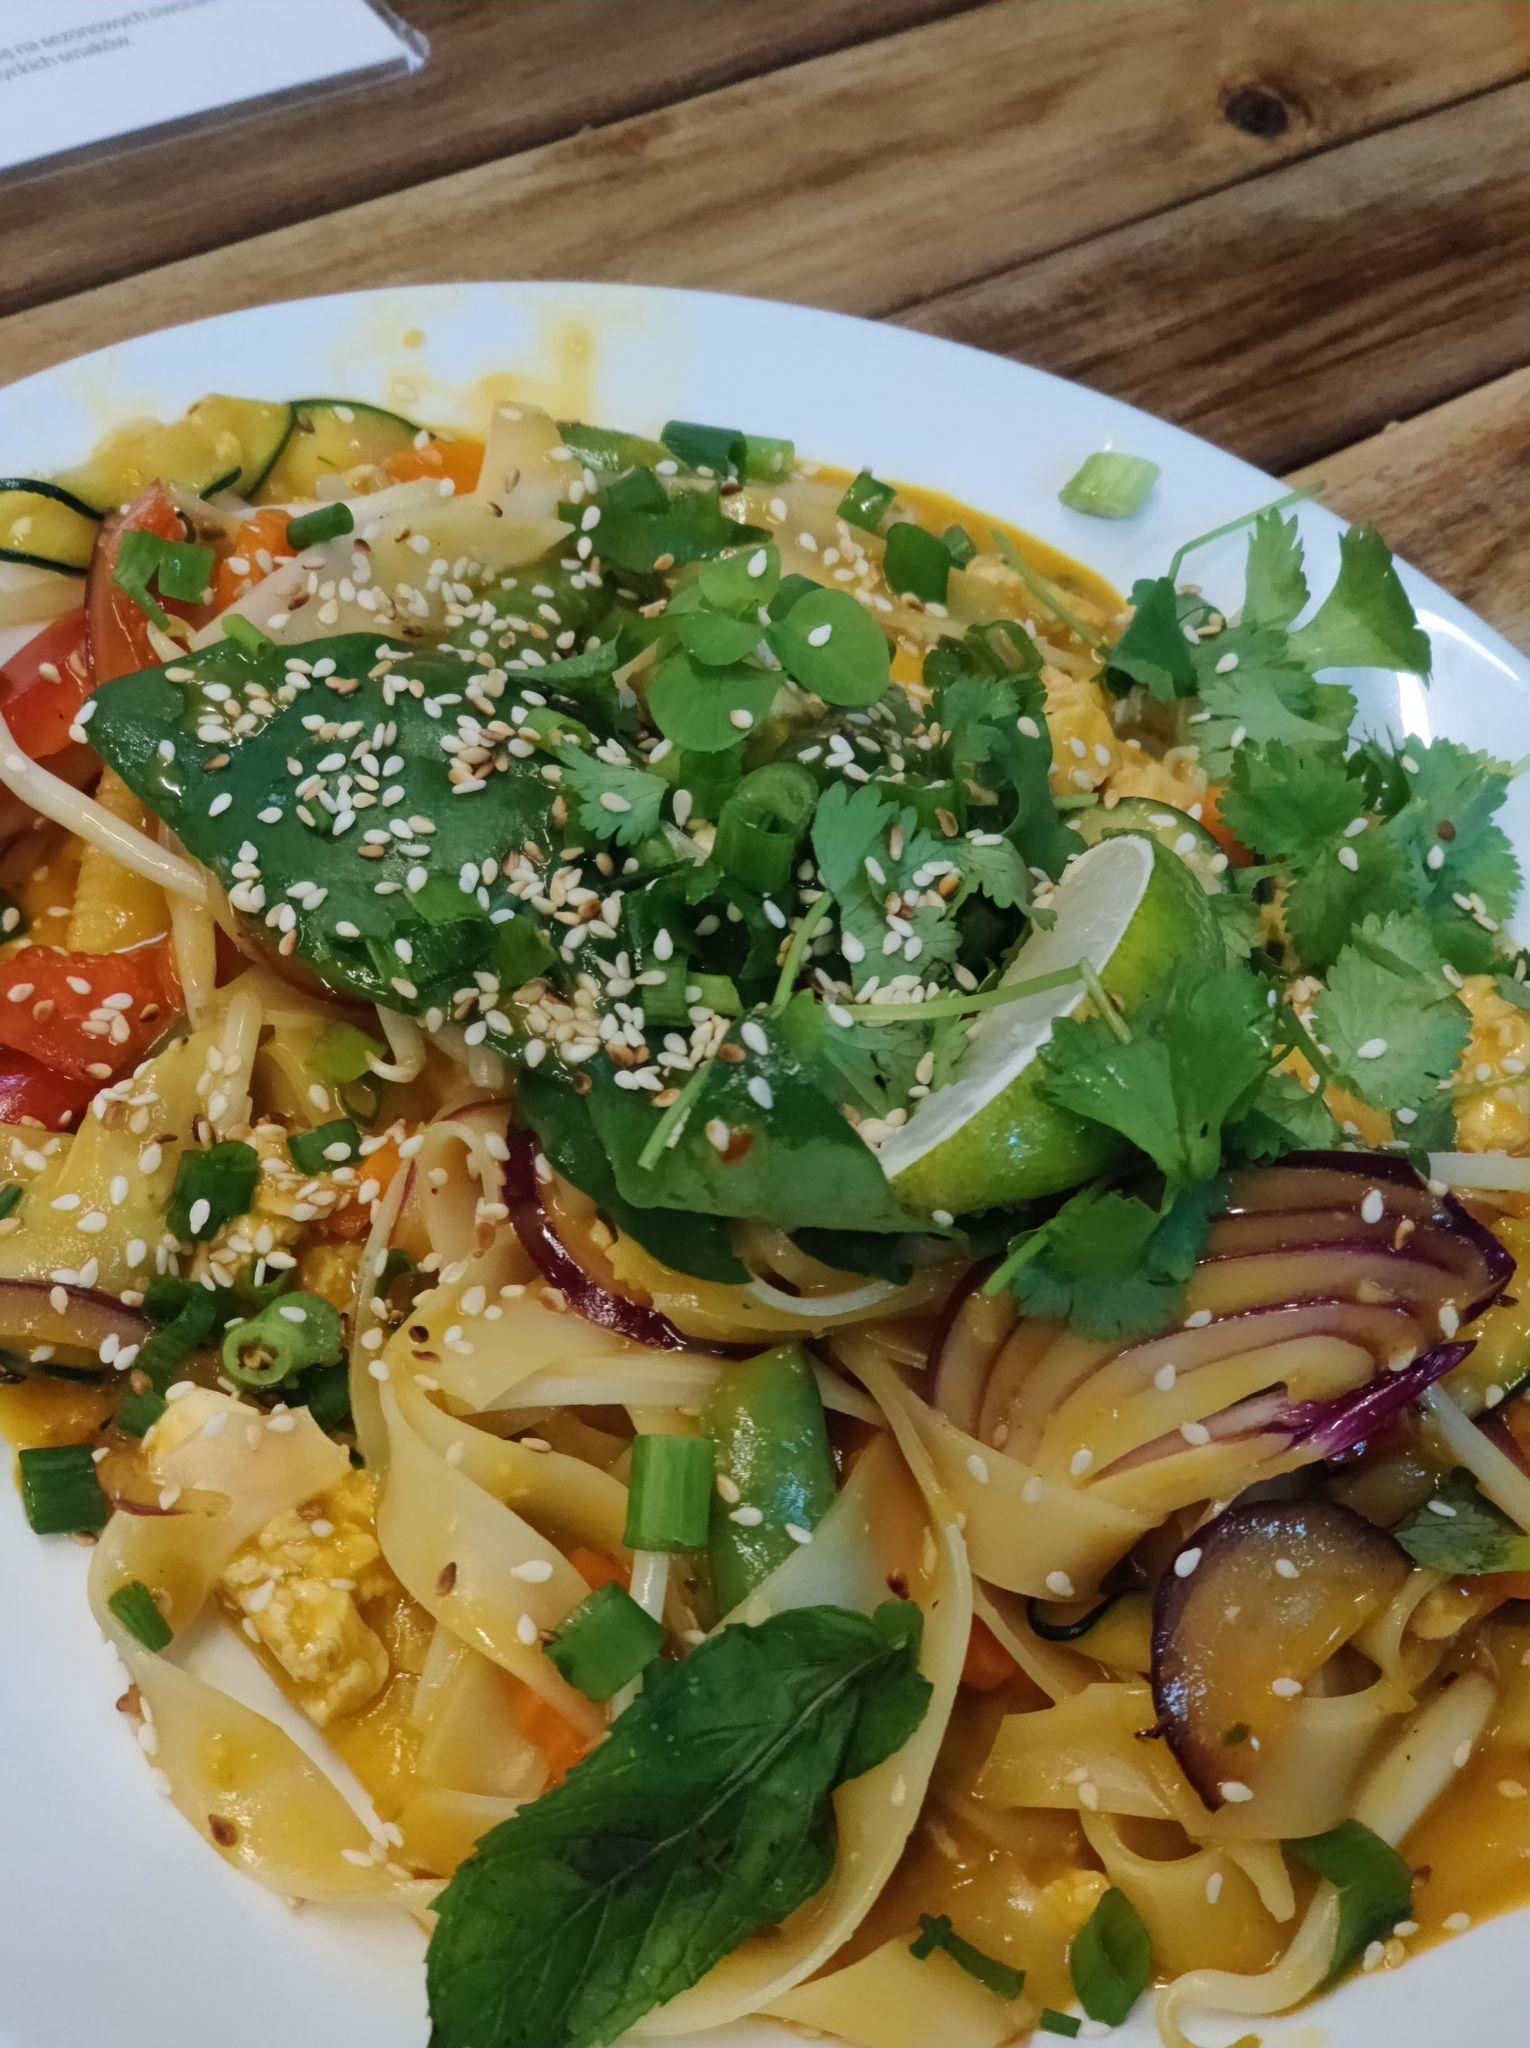 Vegan noodle dish